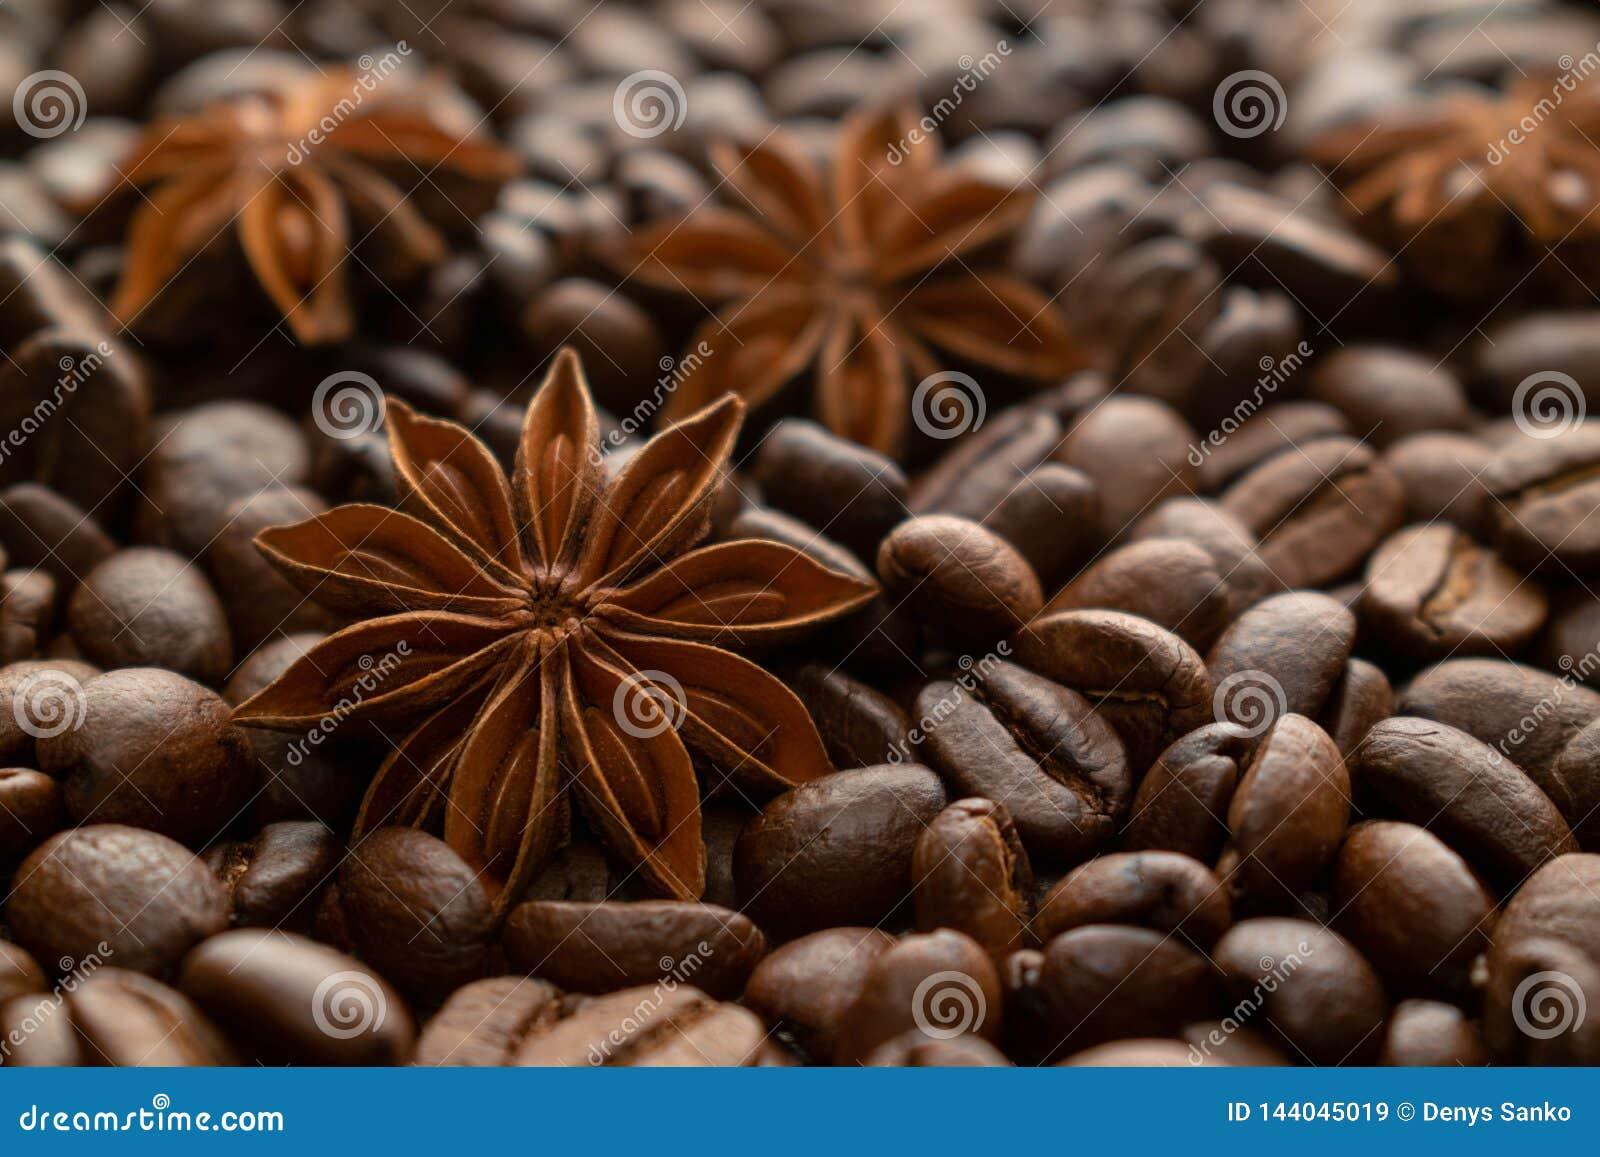 咖啡豆和八角茴香